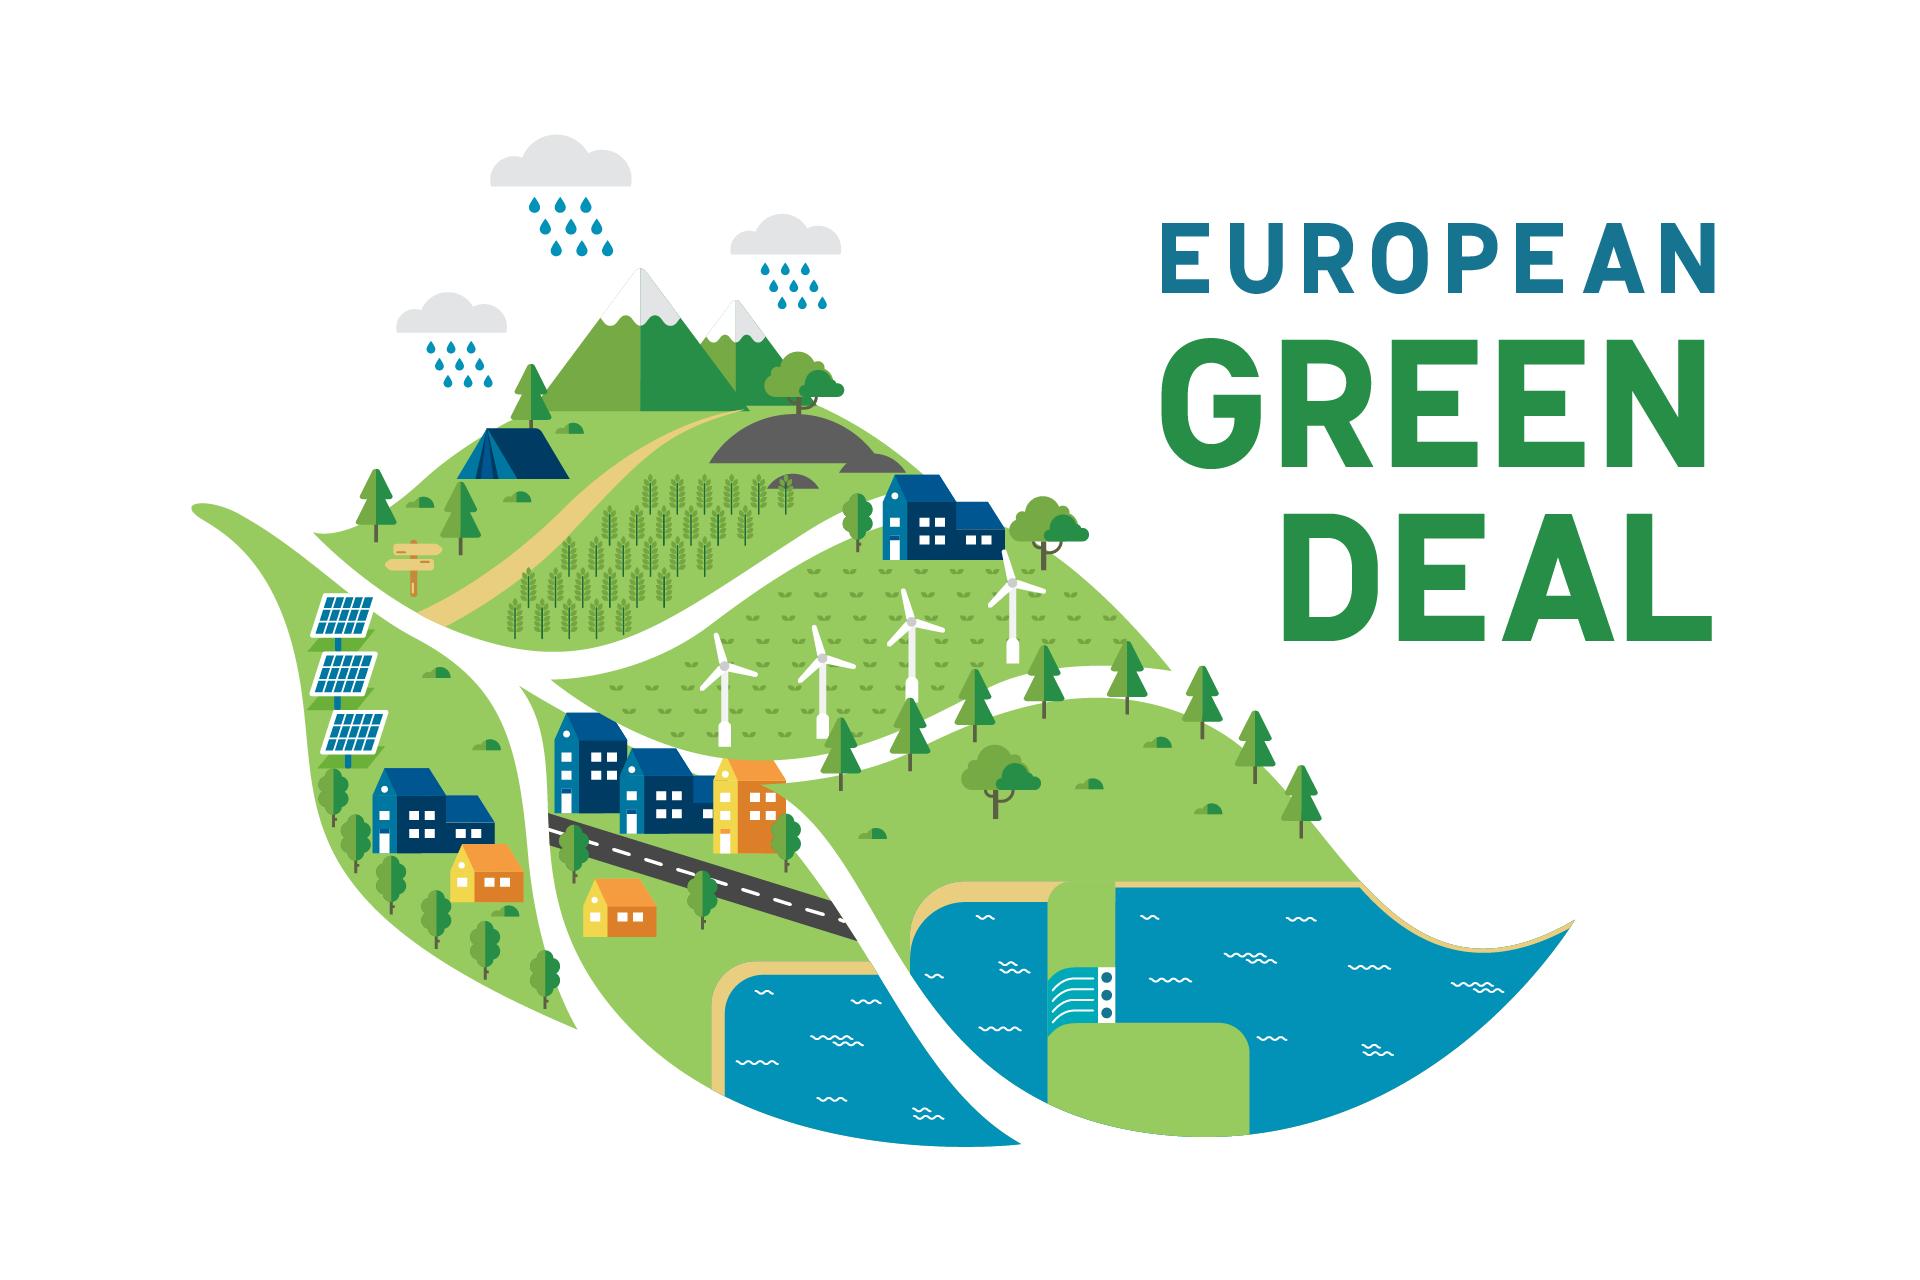 Πρόσκληση για την Πράσινη Συμφωνία»: Εκδηλώσεις ενημέρωσης και δικτύωσης –  ΙδΕΚ